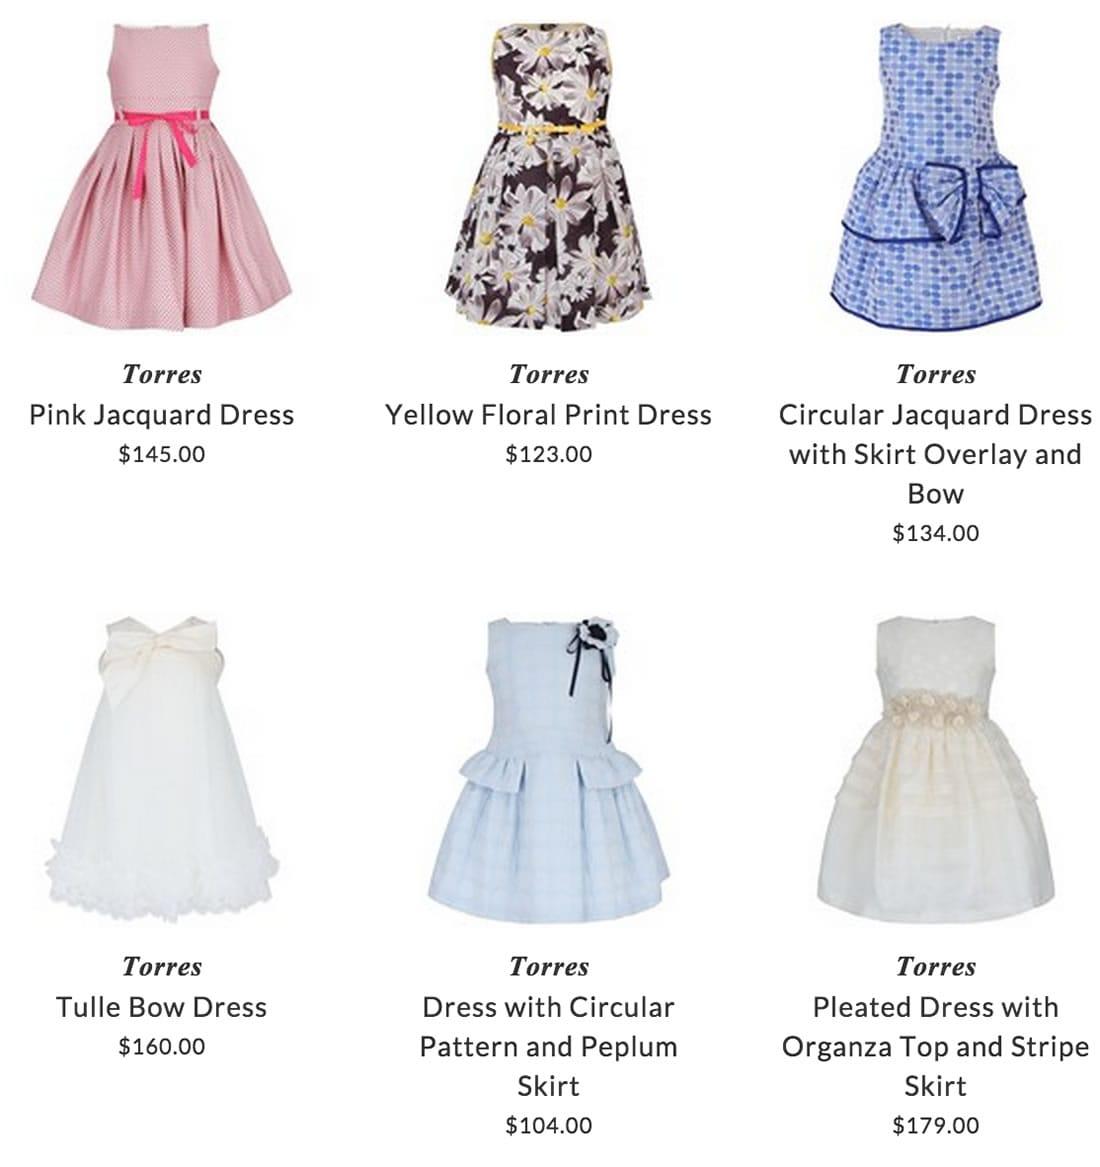 Torres girls clothing